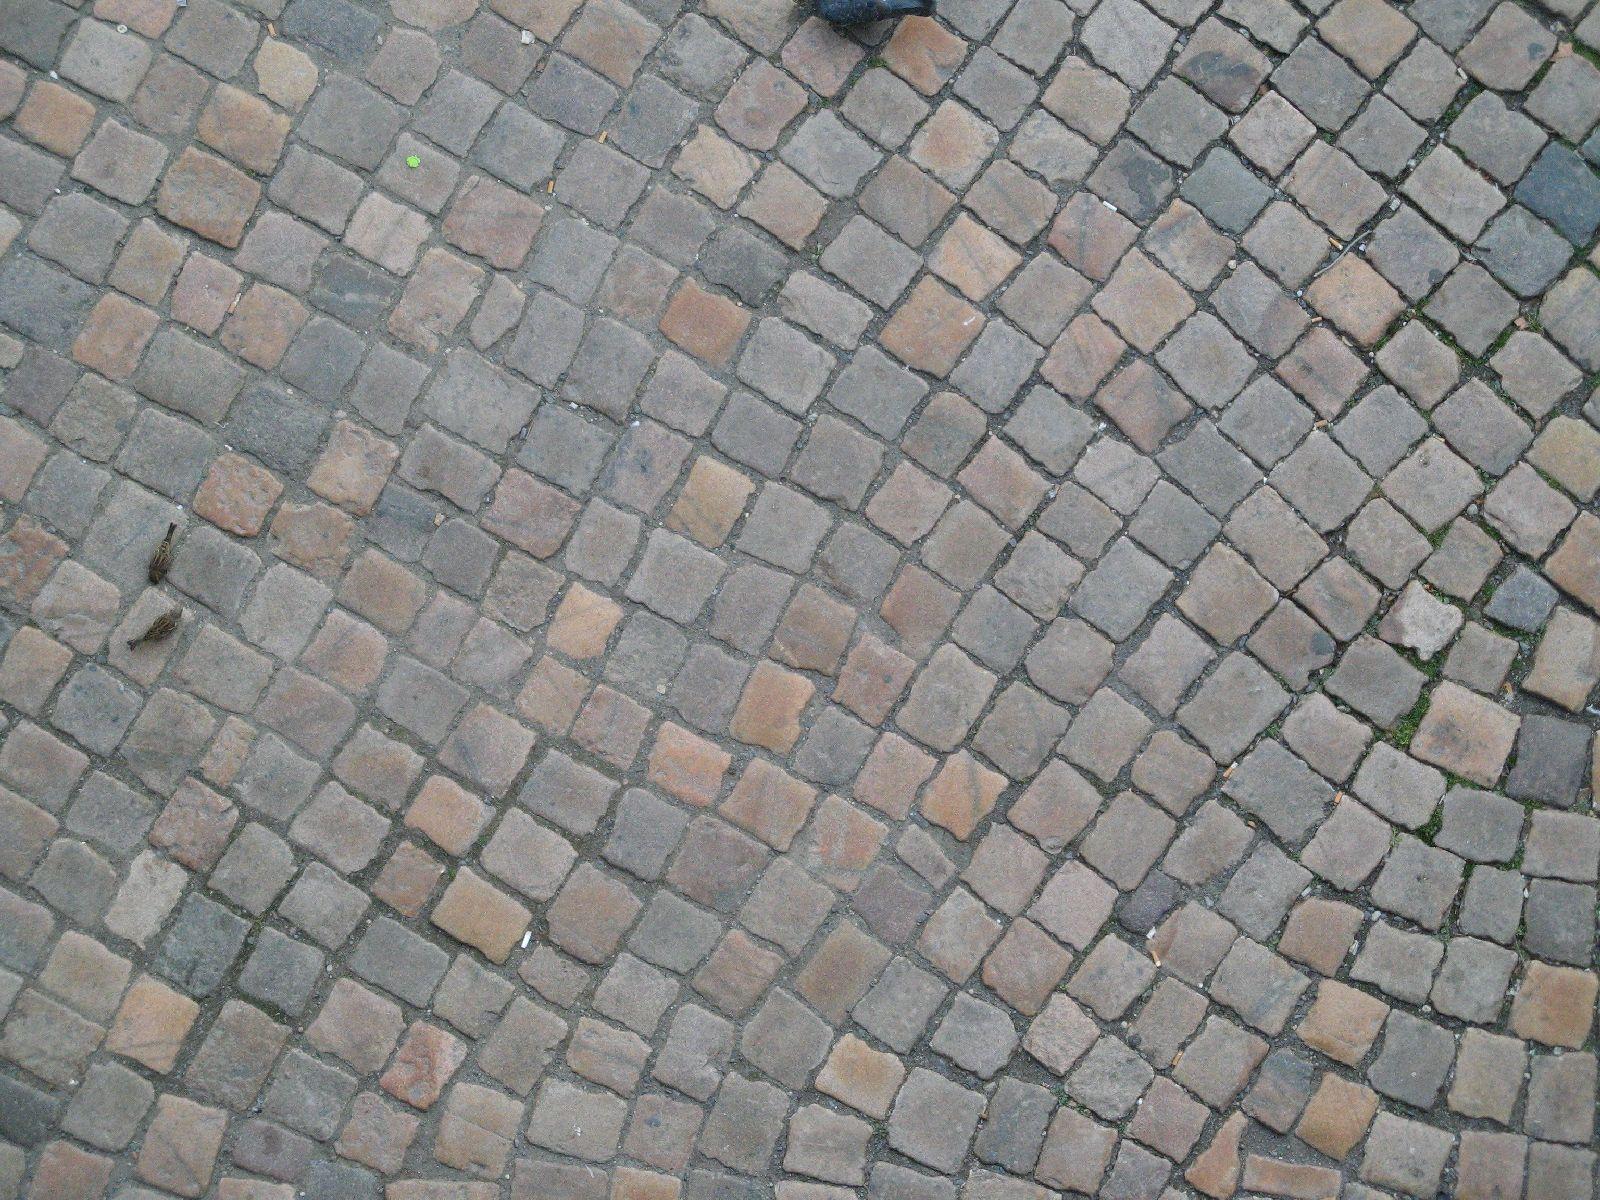 Boden-Gehweg-Strasse-Buergersteig-Textur_B_3539